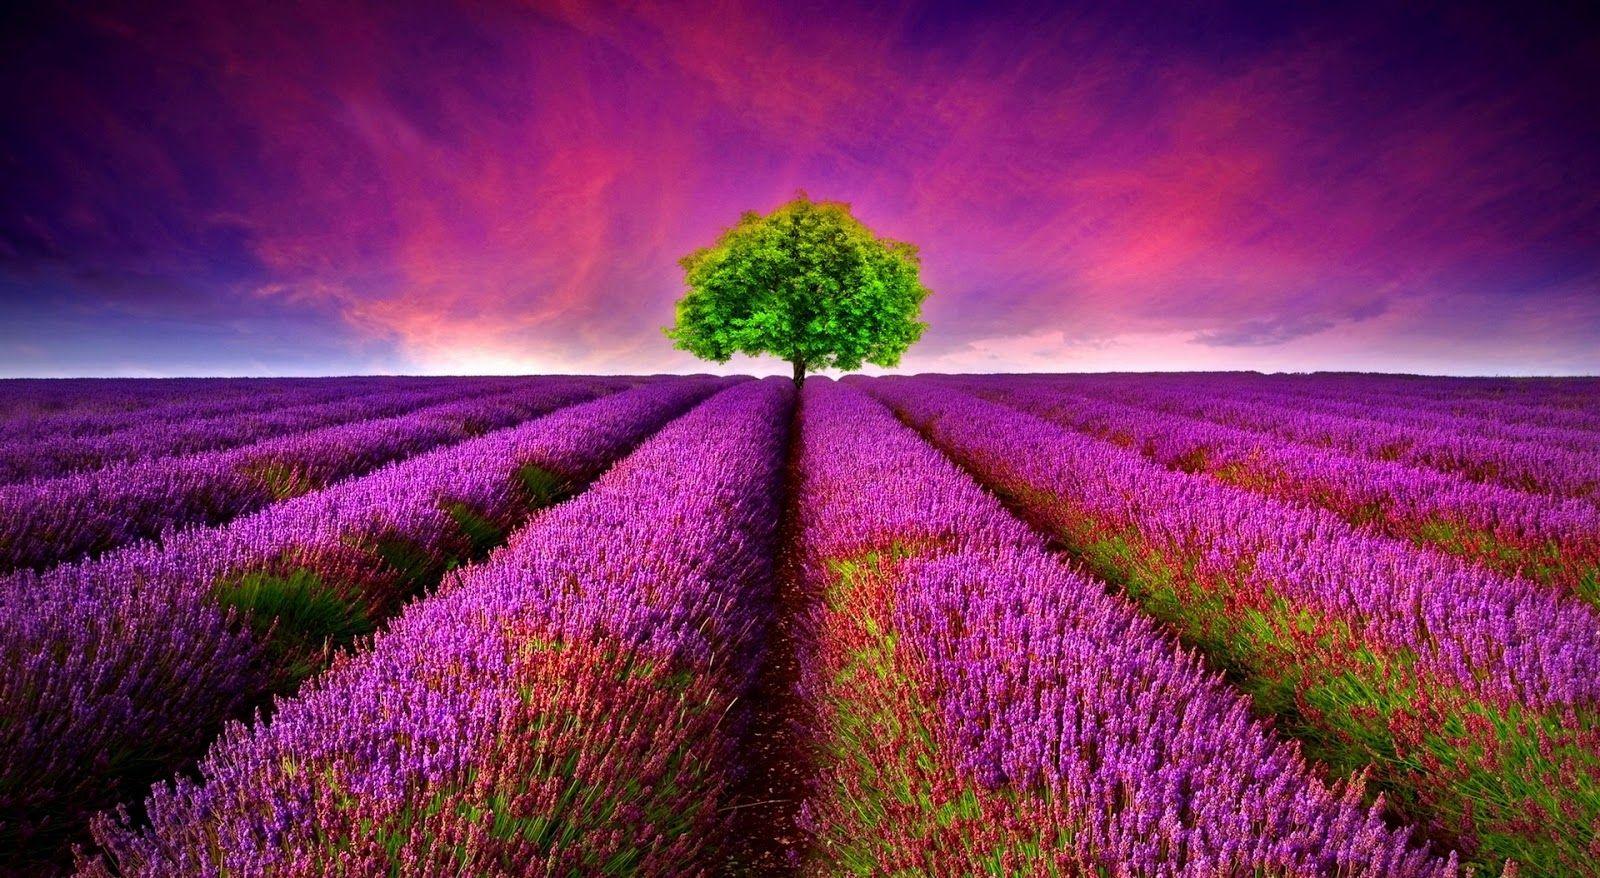 World Most Beautiful Romantic Nature